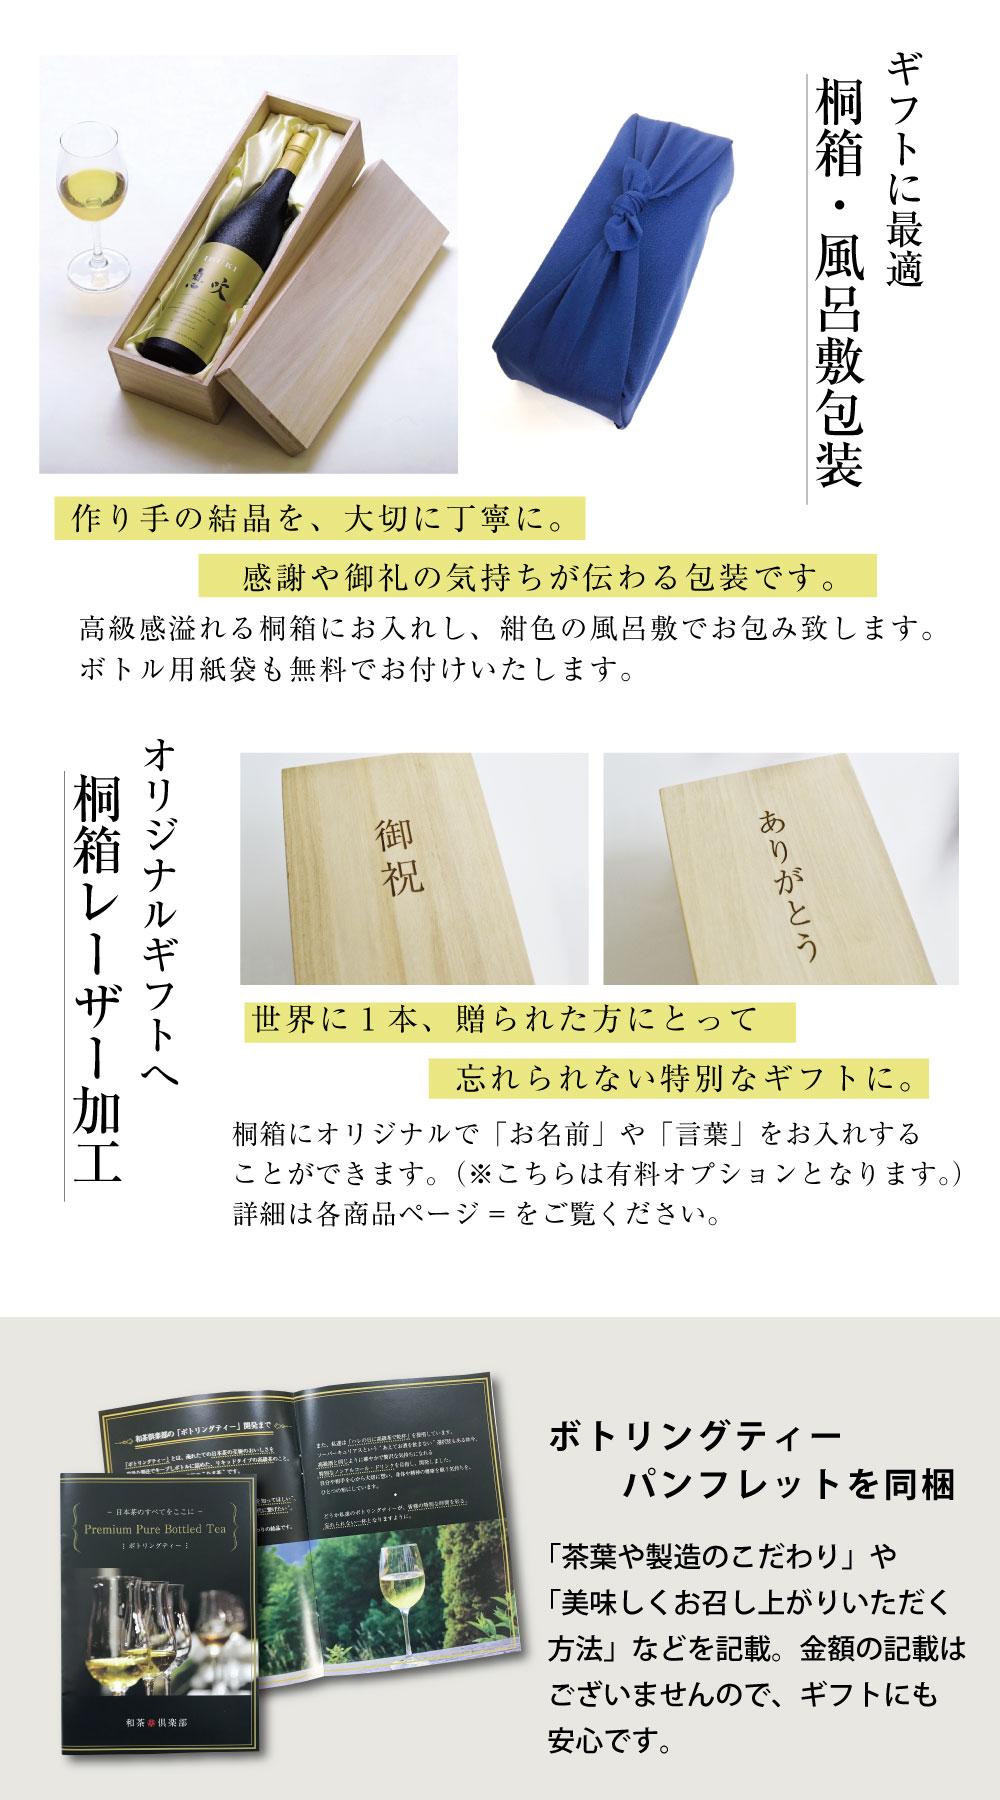 木箱・風呂敷 ギフト対応